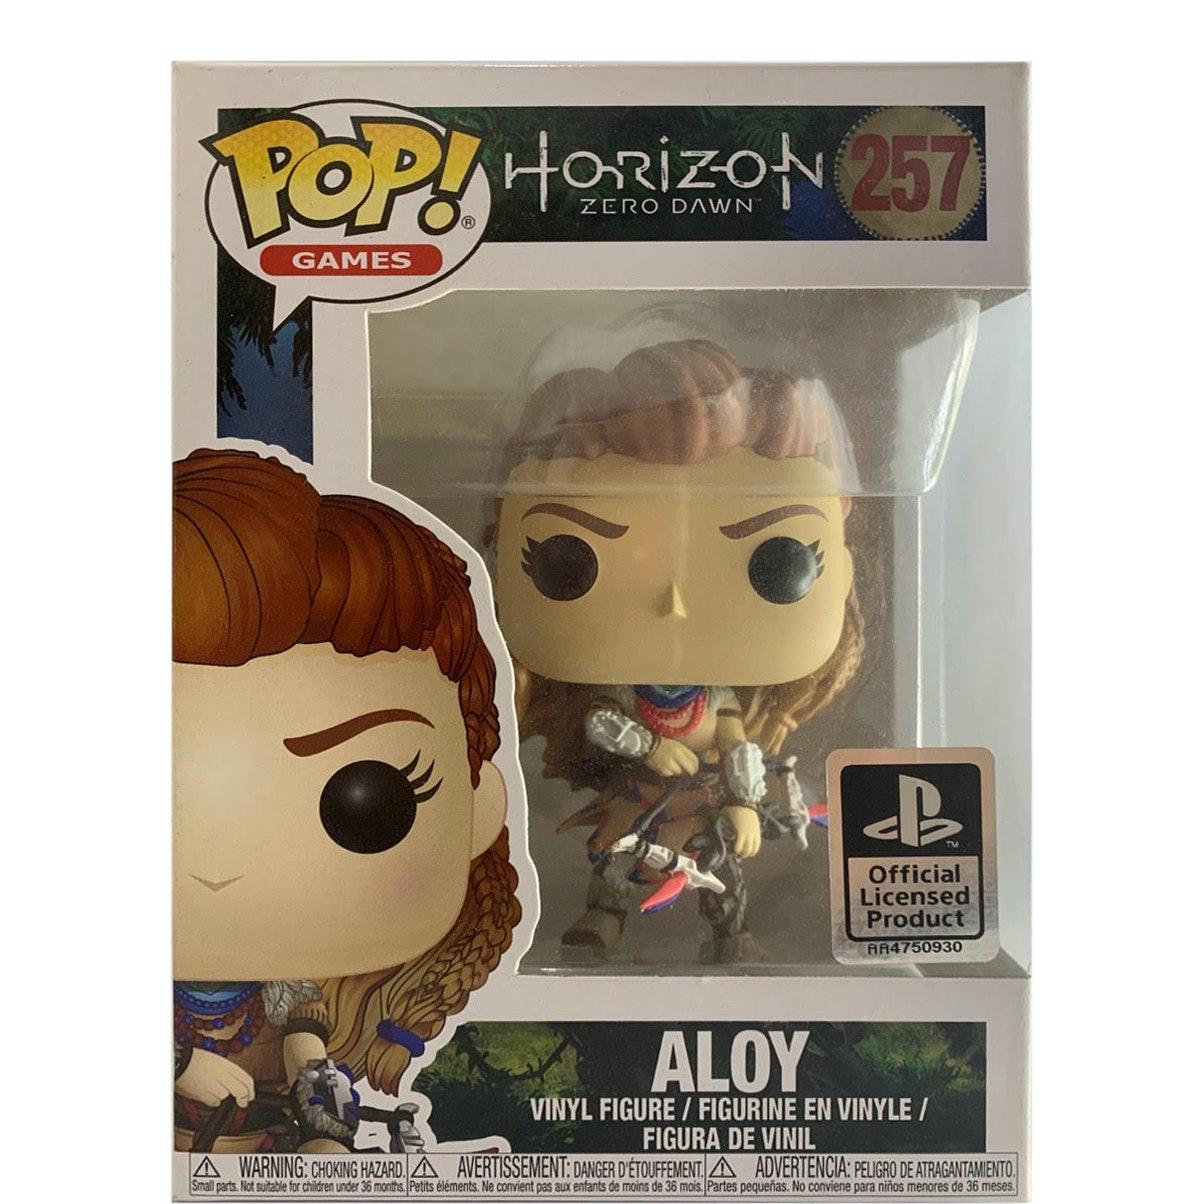 Aloy Vinyl Figure Item #22598 Horizon Zero Dawn Funko Pop Games